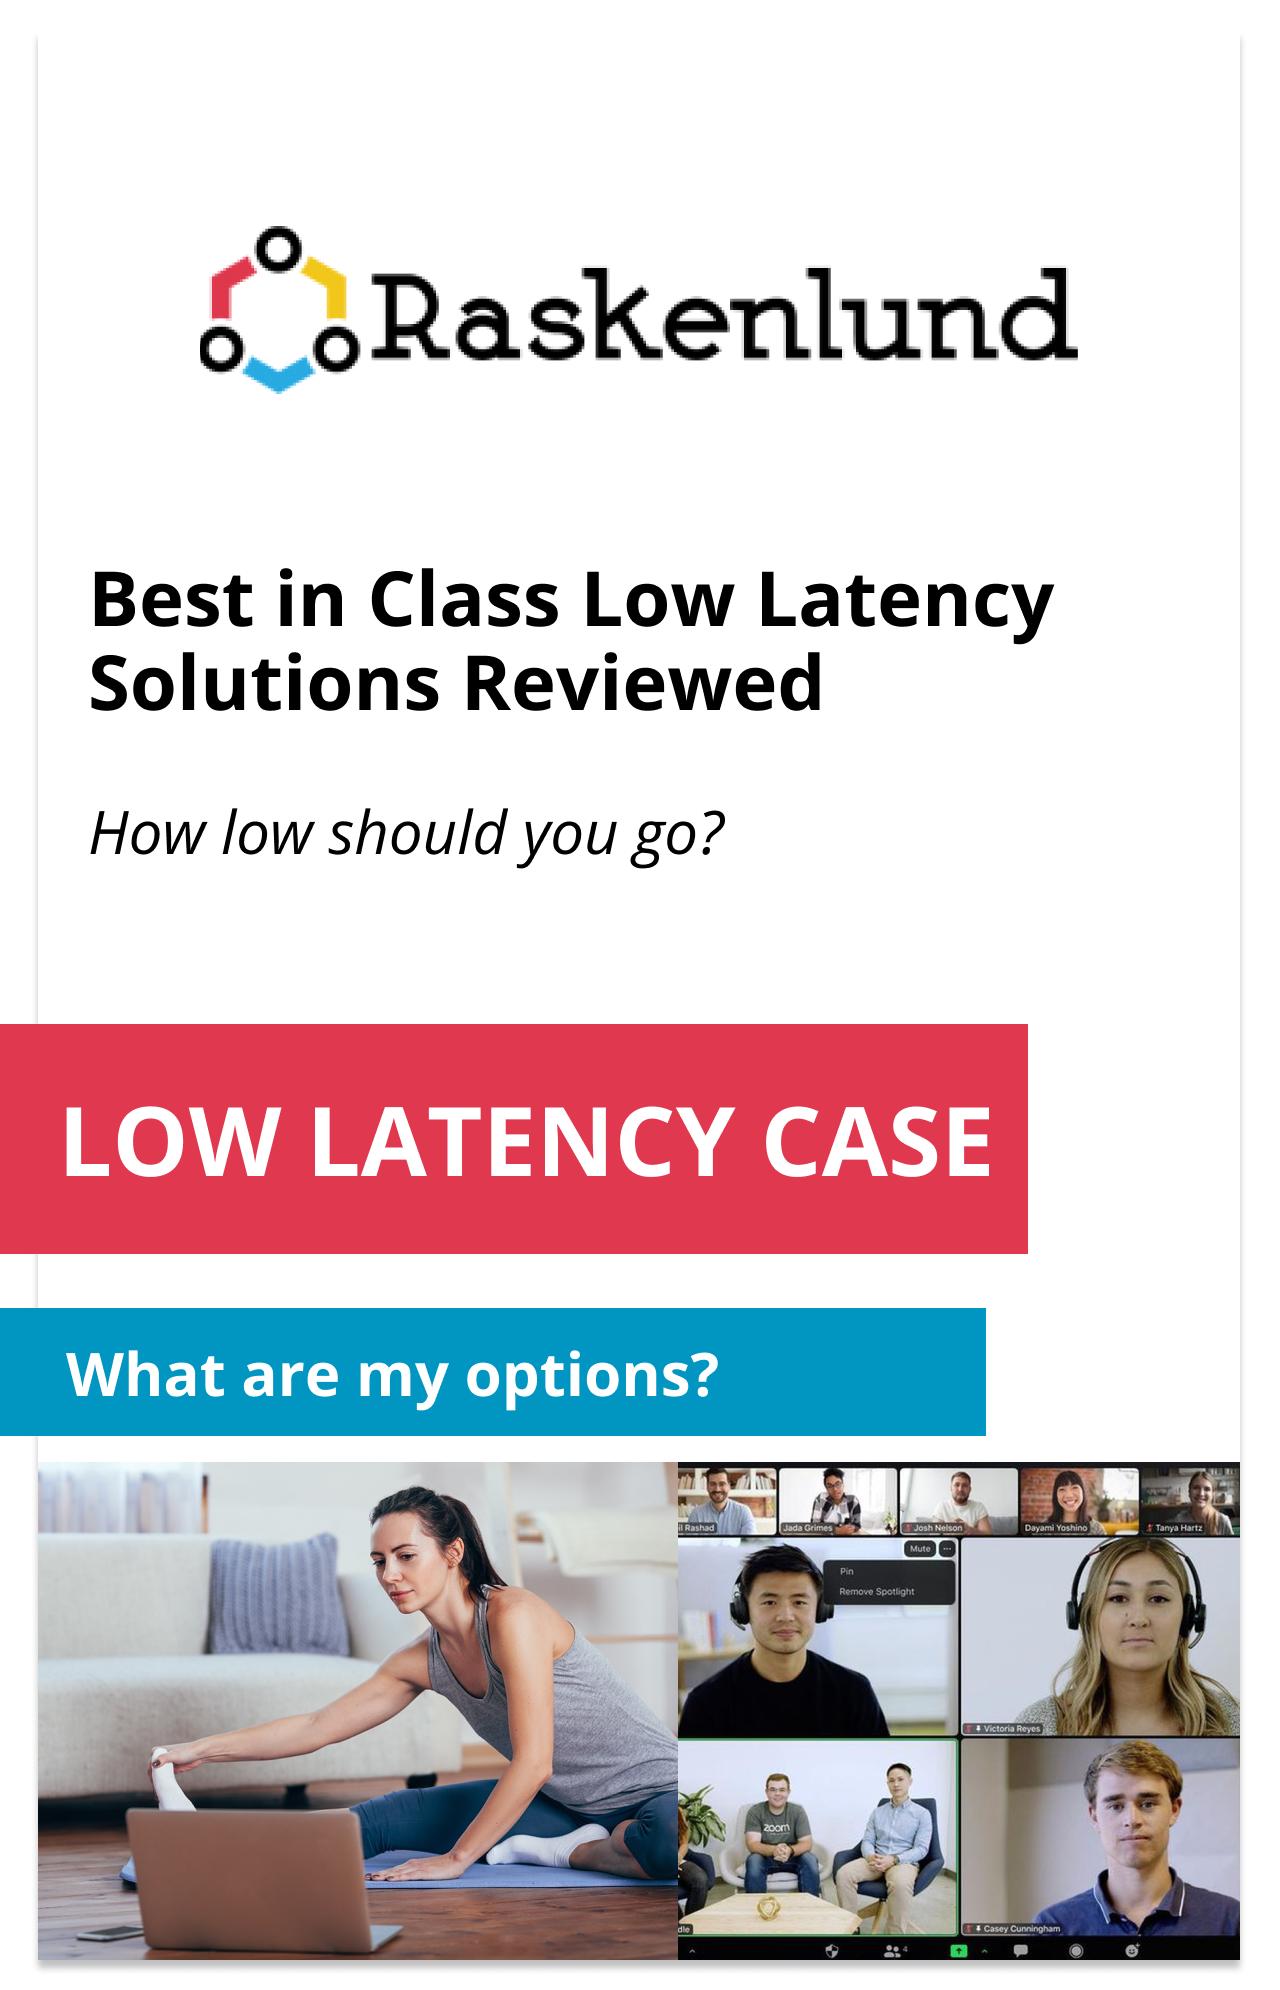 Low Latency Case